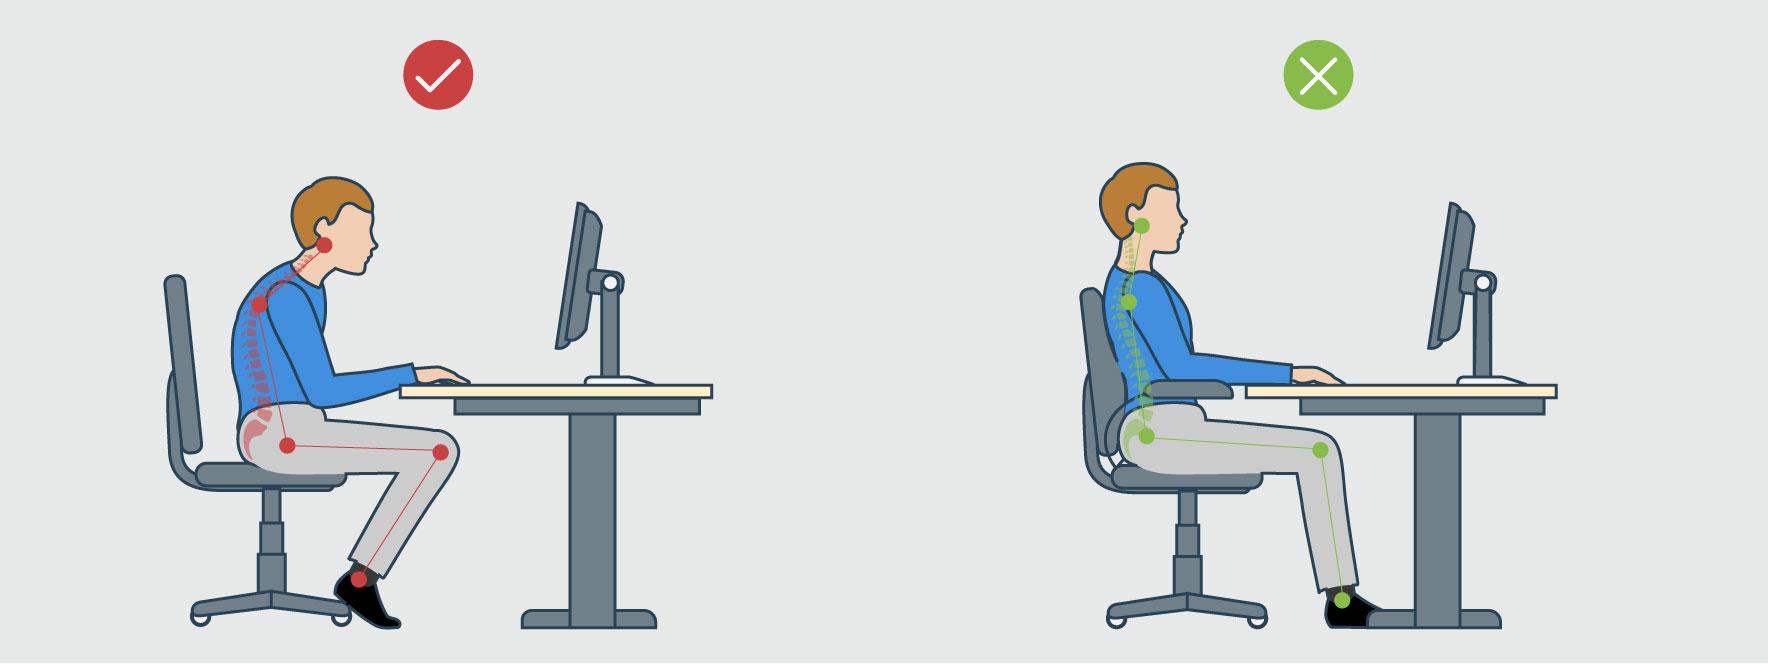 Avoir un poste de travail ergonomique - Blogue du Réseau